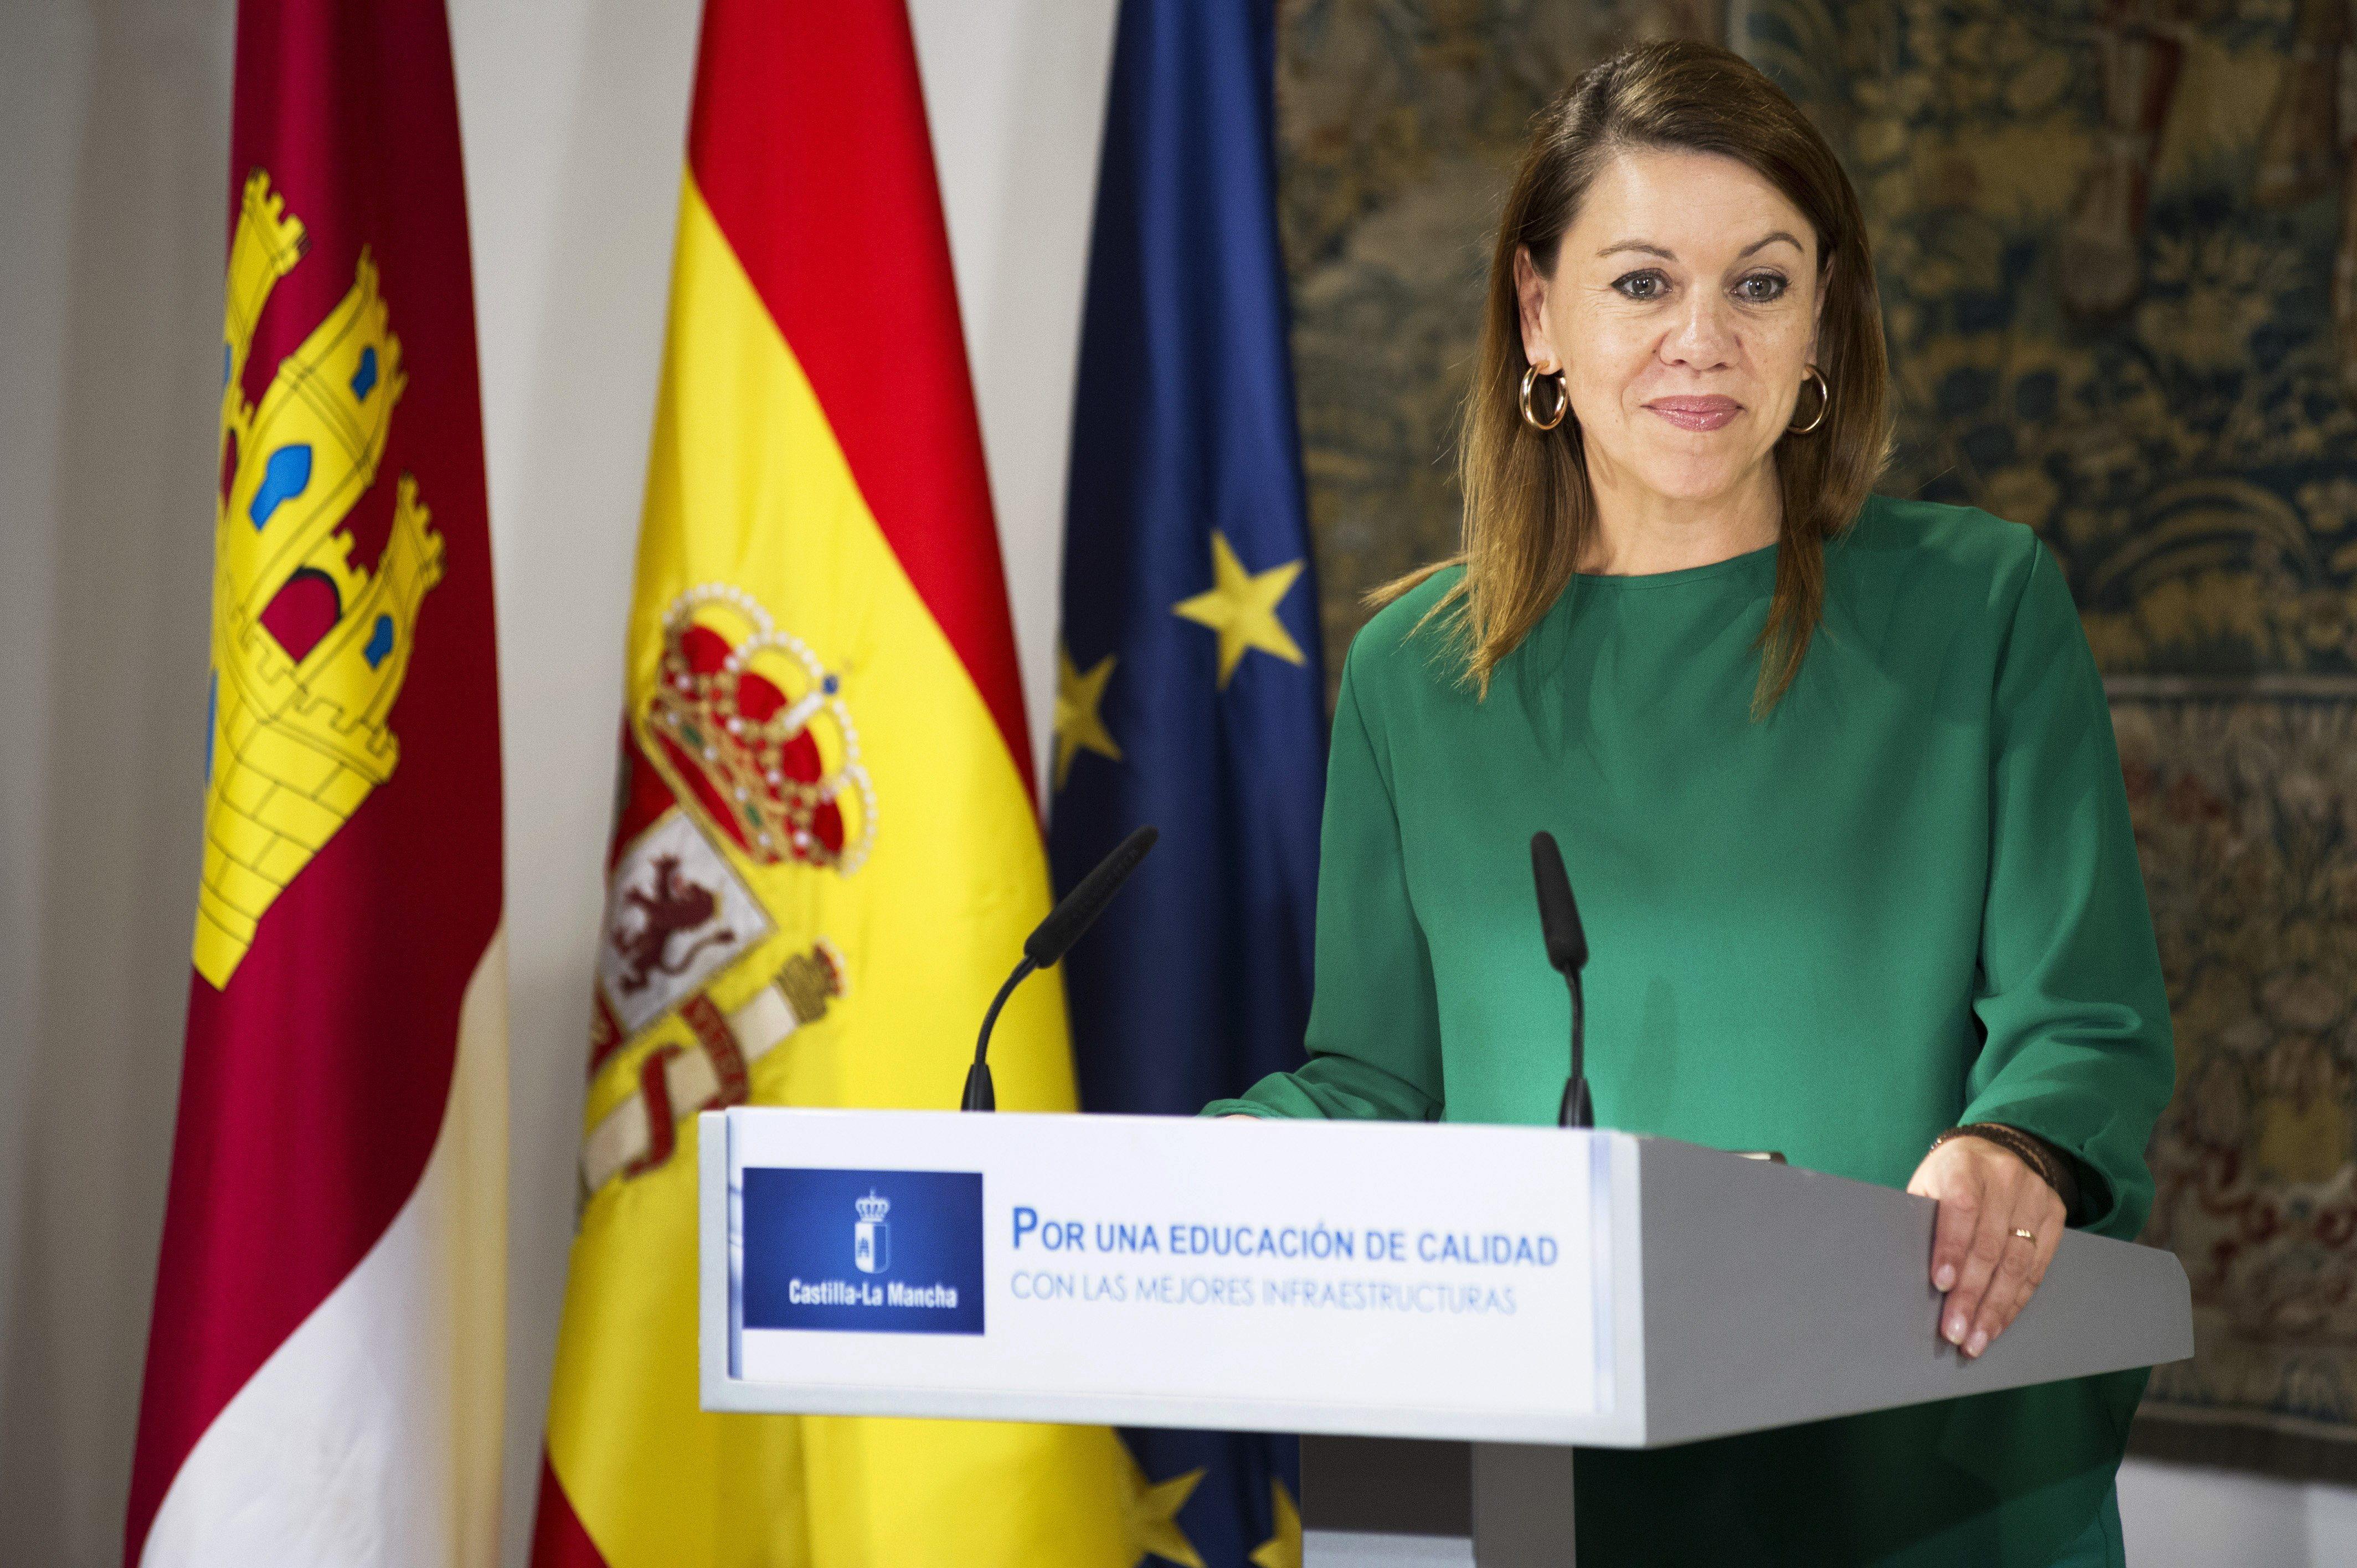 El PP celebra hoy en Toledo los dos años de gobierno de Cospedal